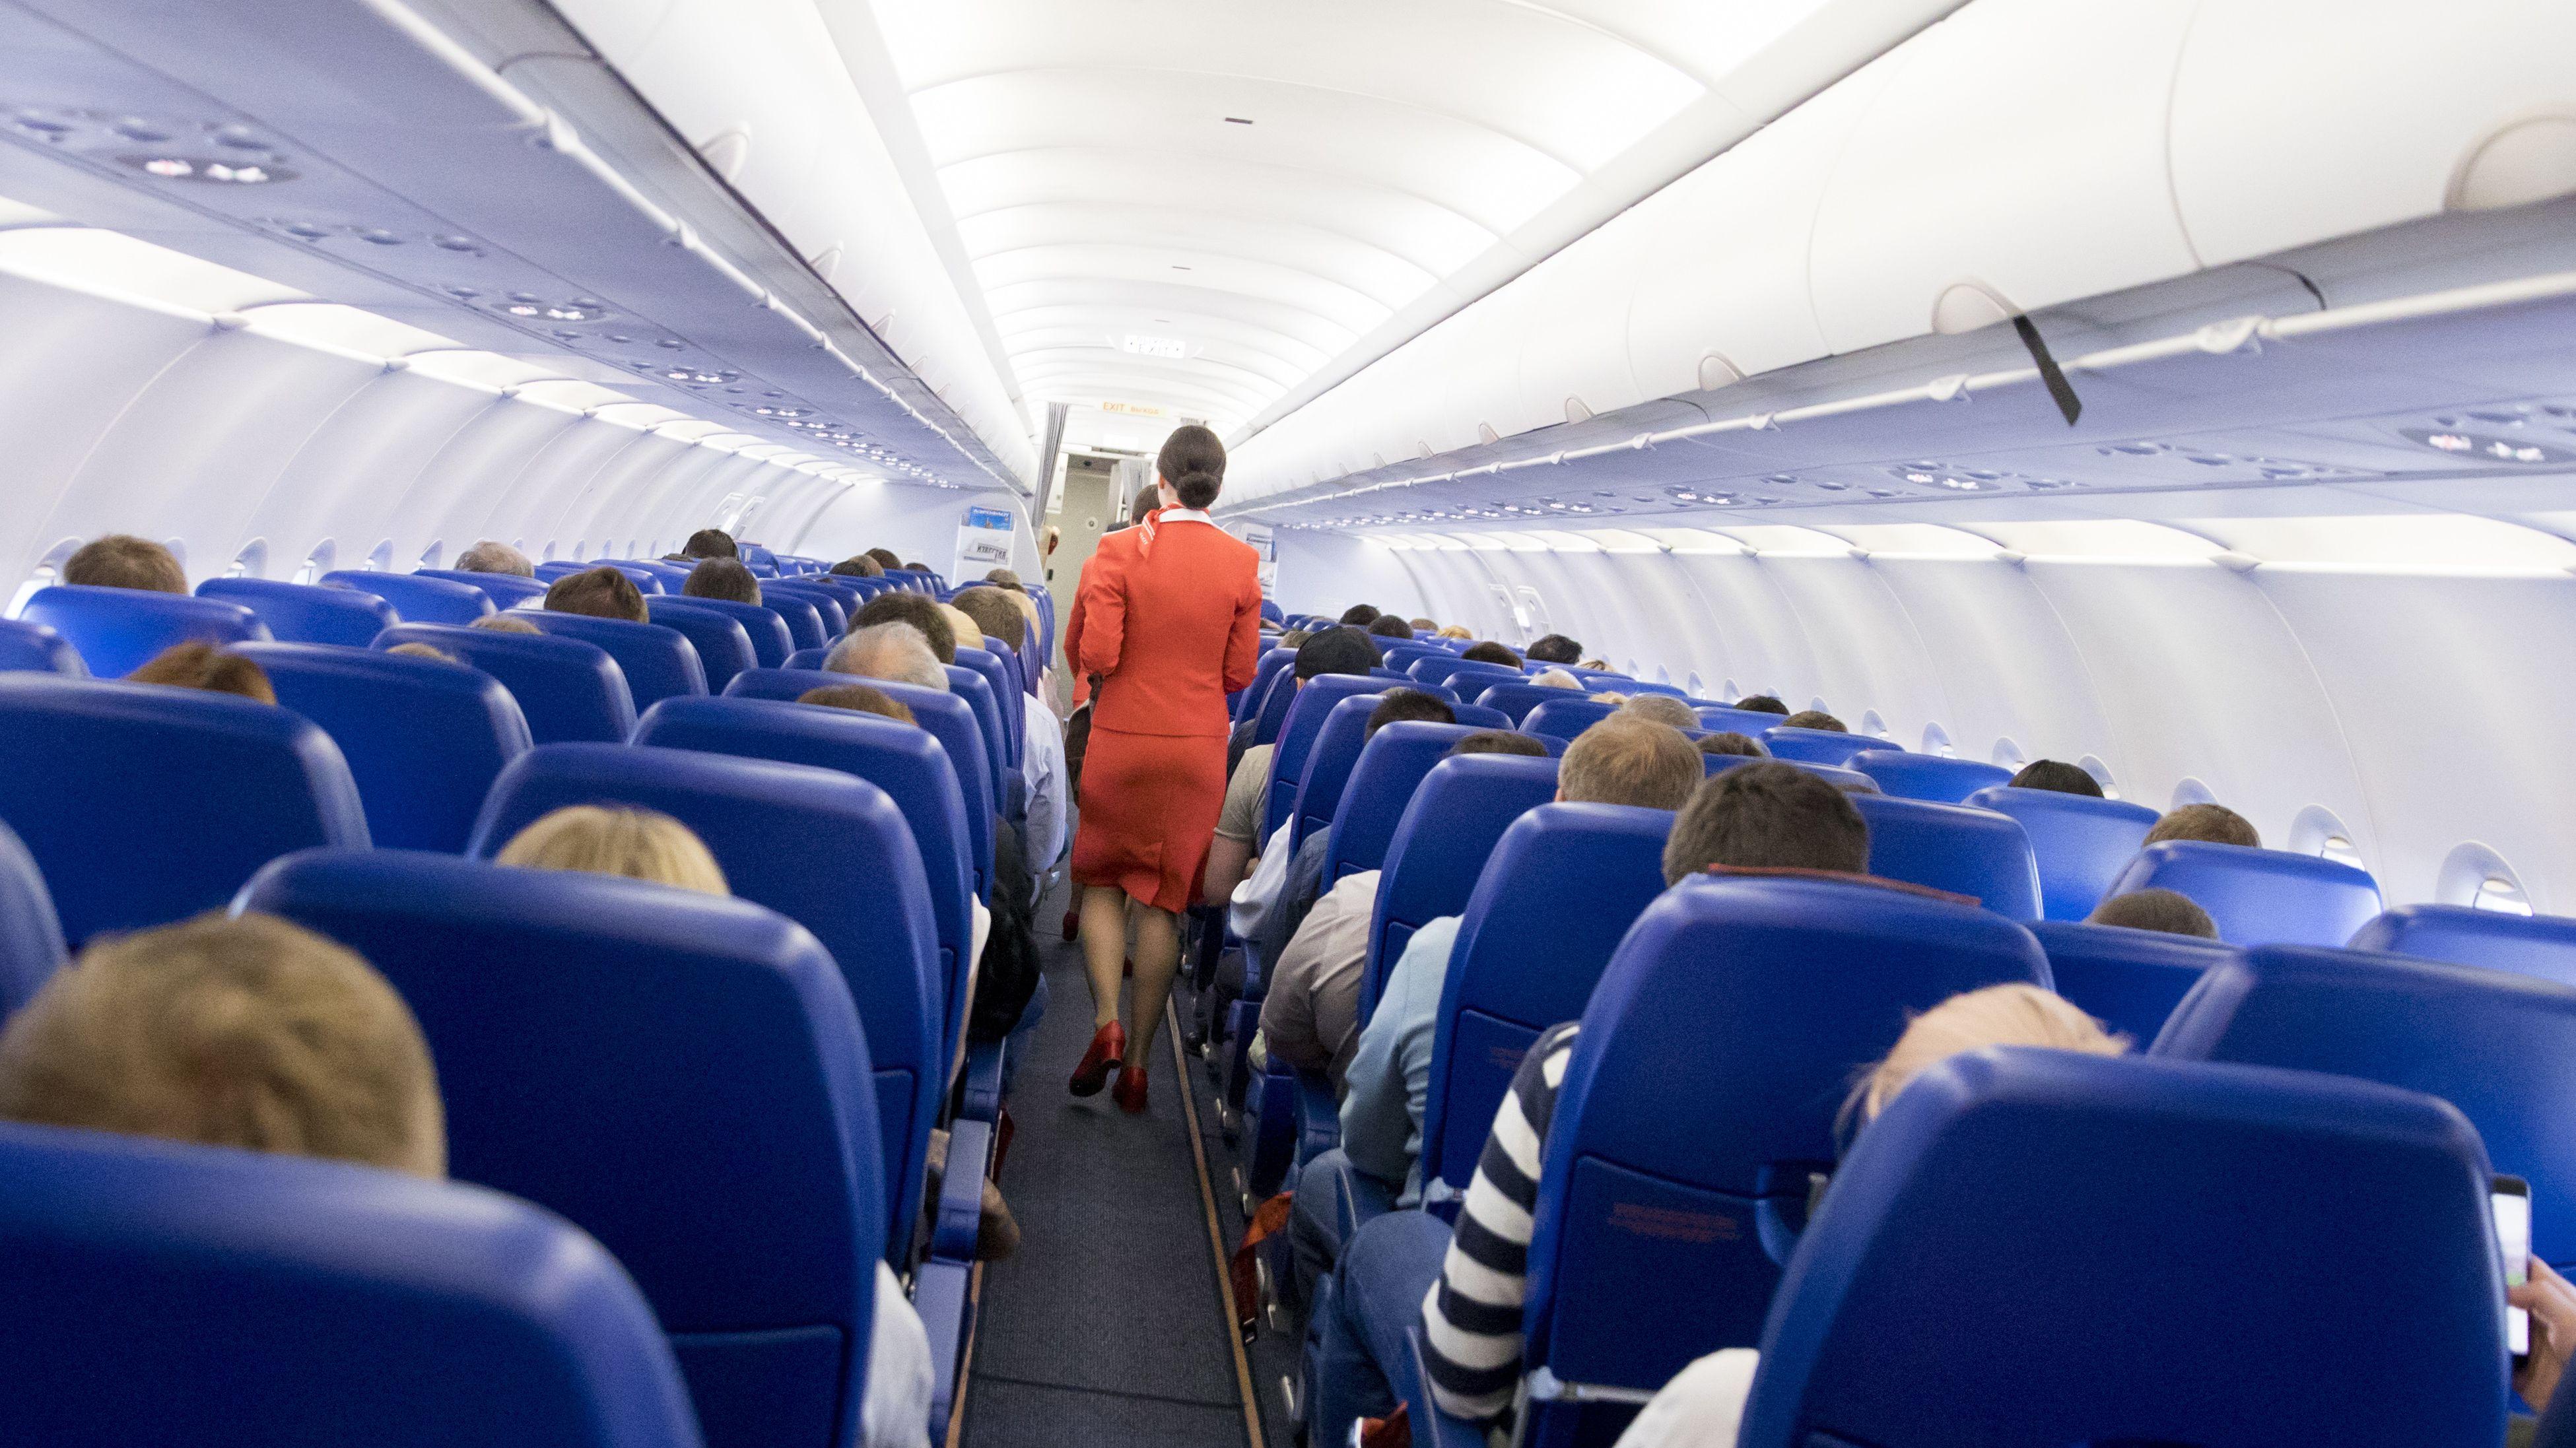 Flugbegleiterinnen verteilen Getränke an die Fluggäste.